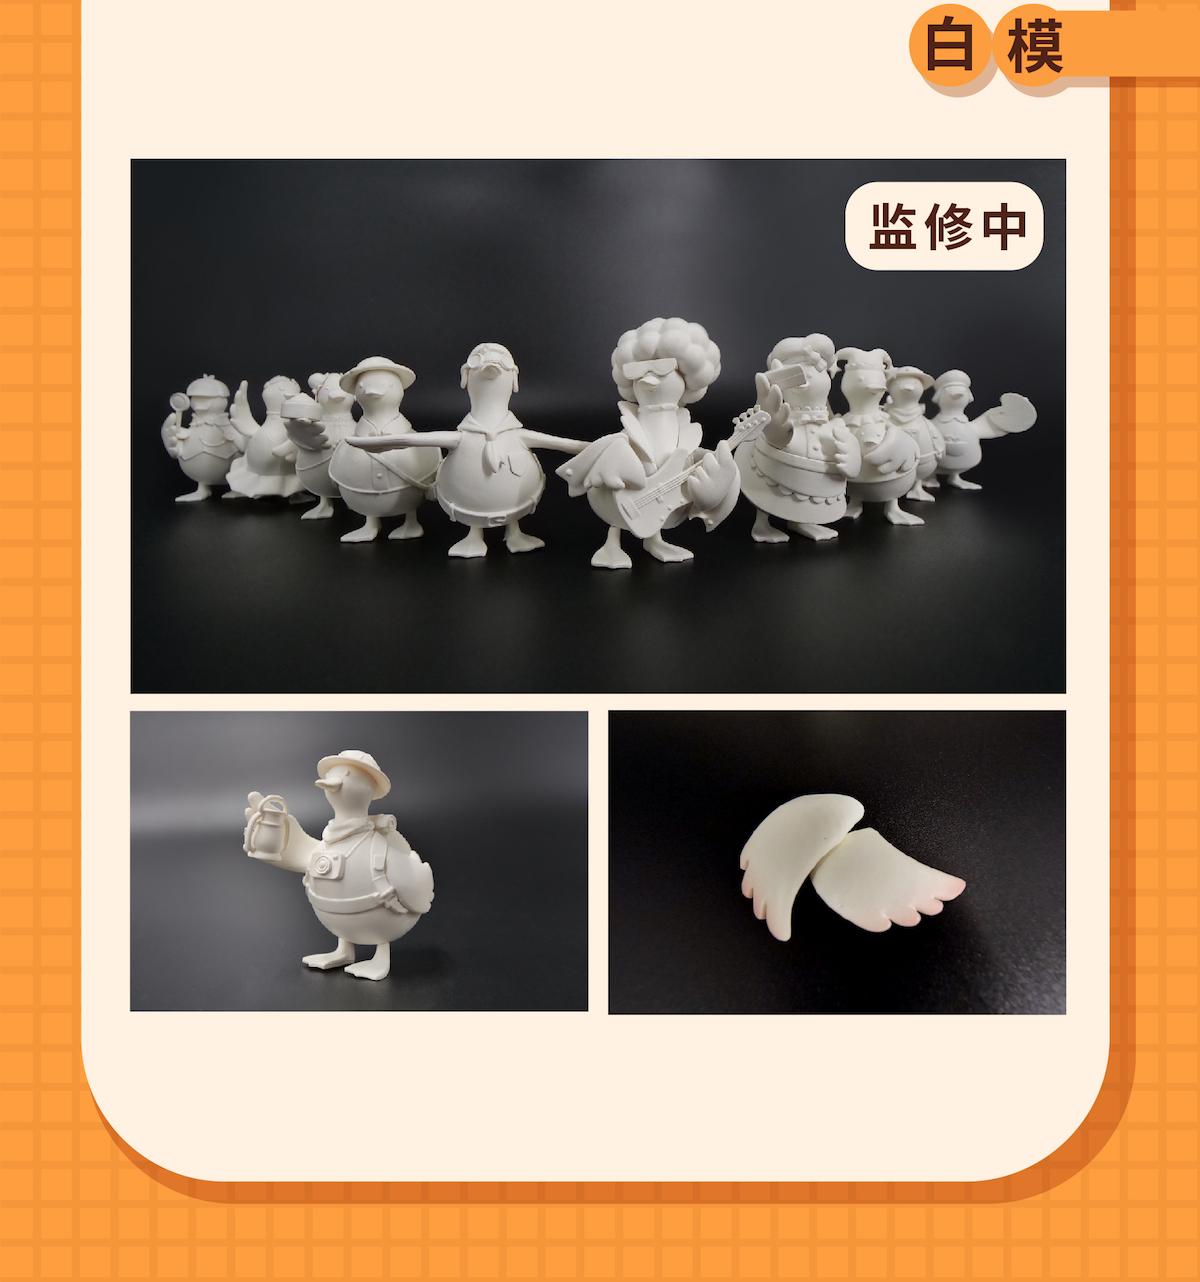 鸭子预售2-10.jpg